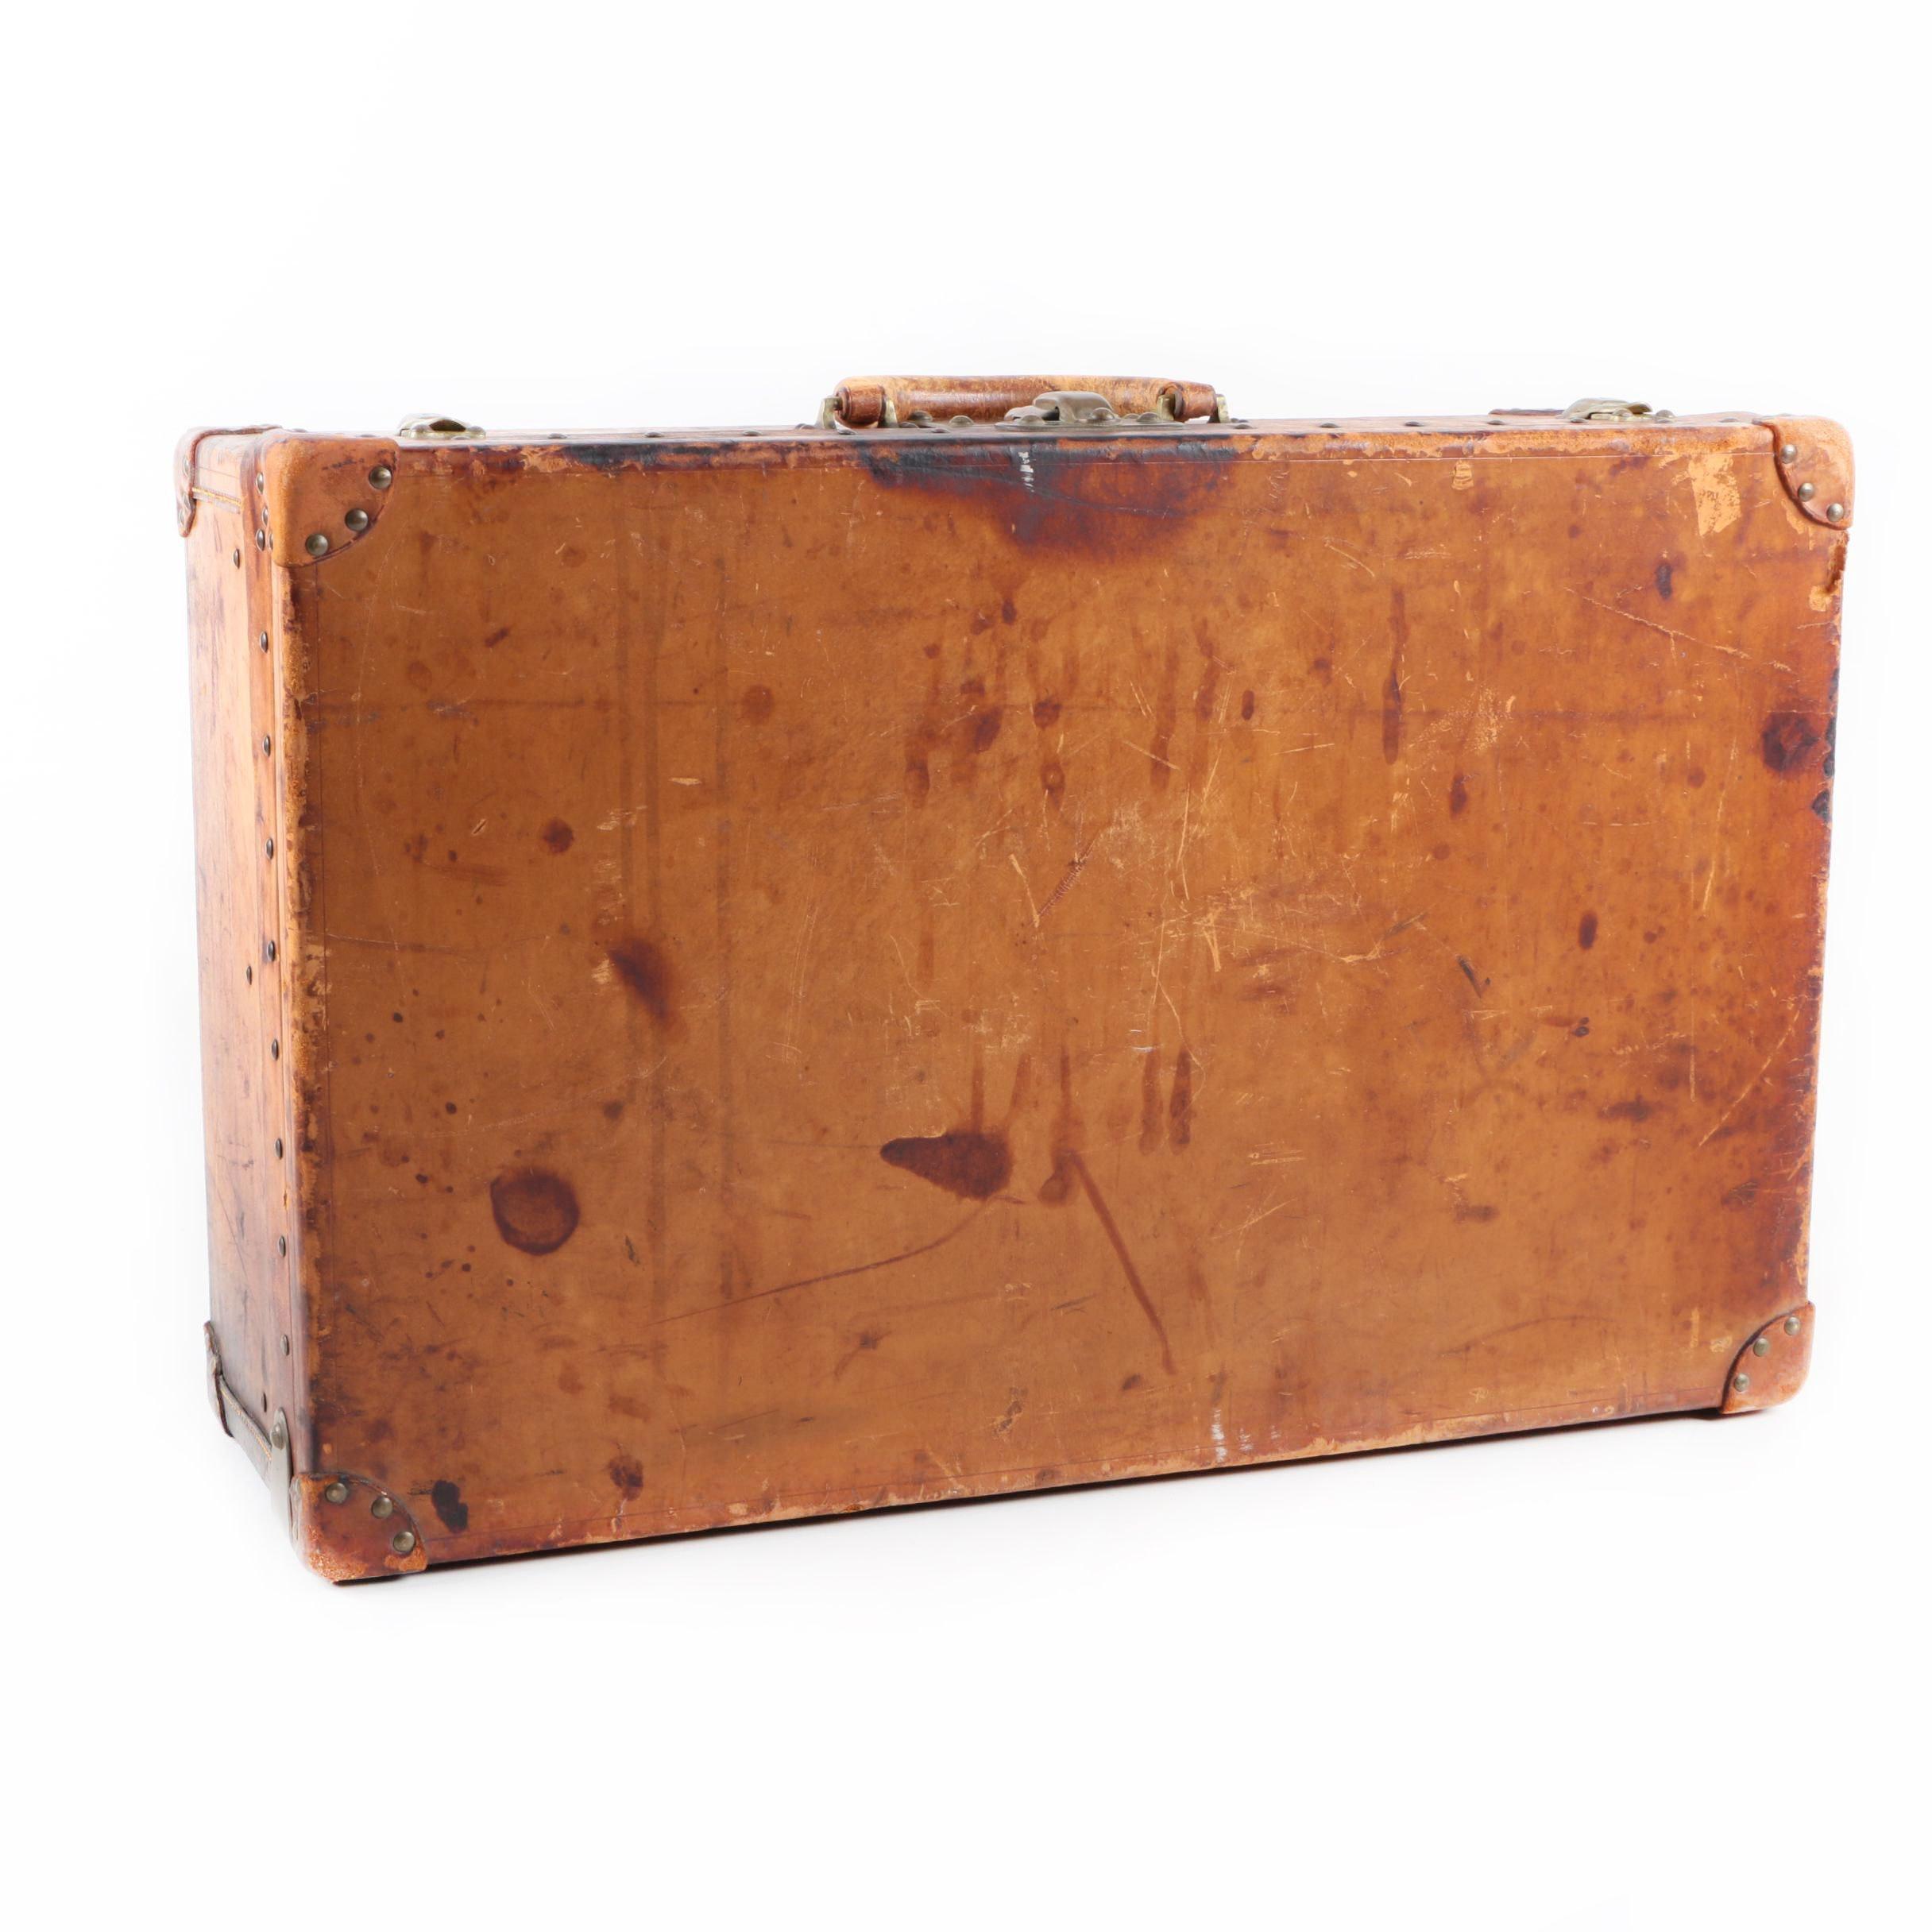 Vintage Louis Vuitton Leather Suitcase